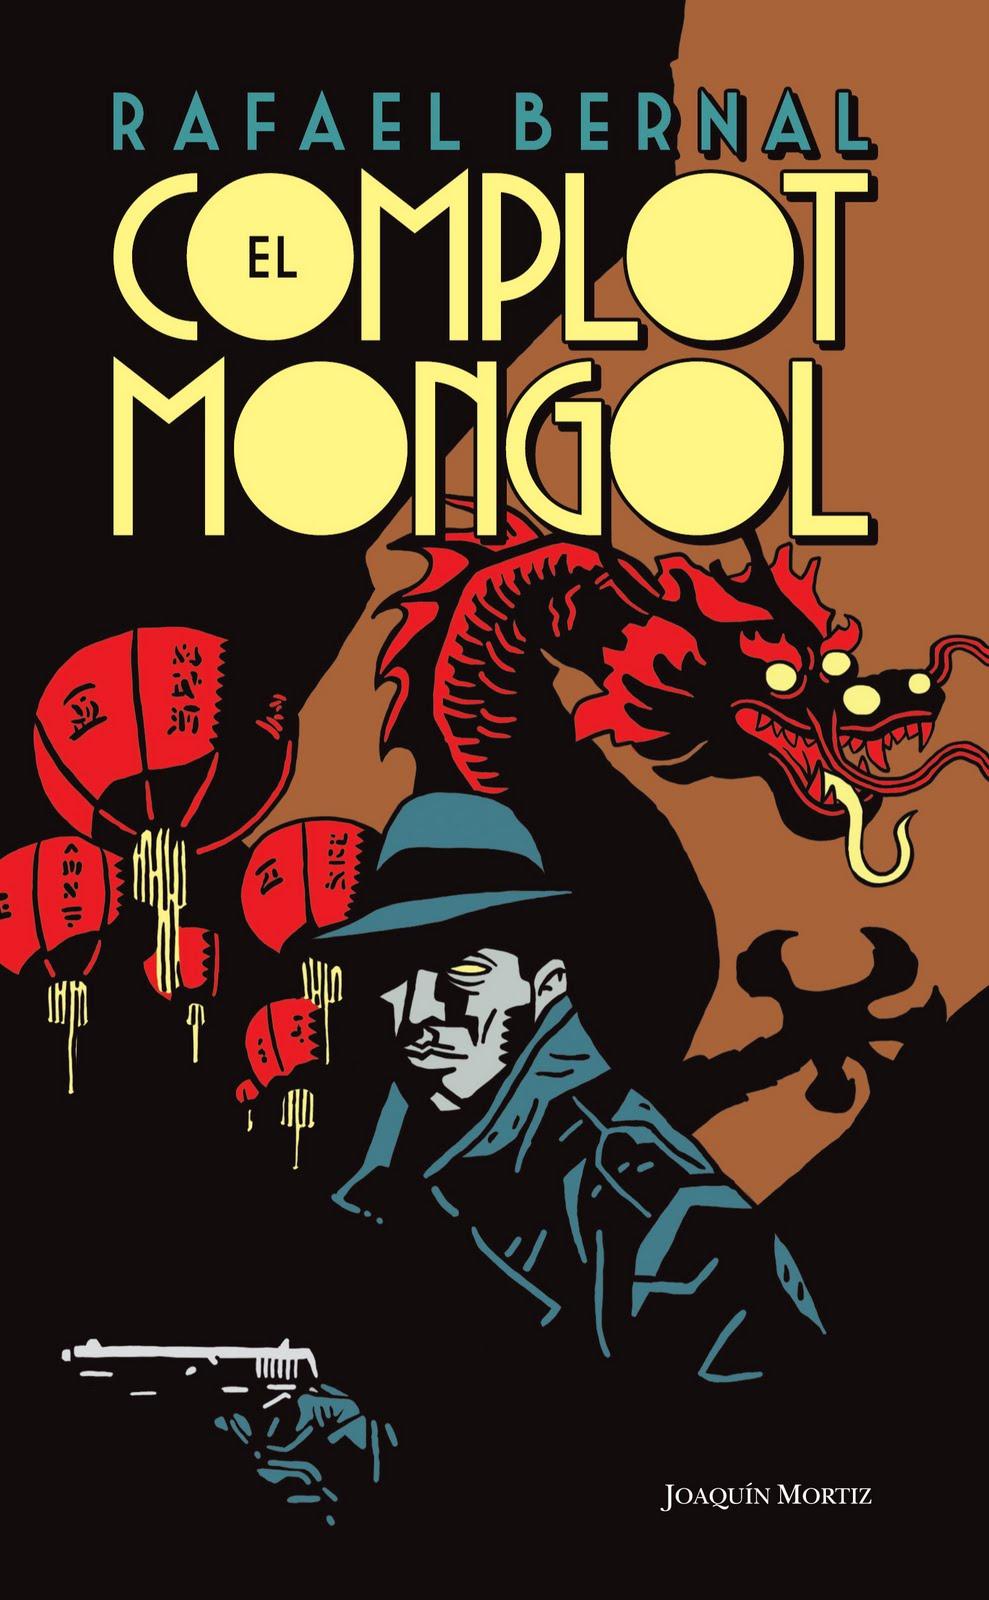 Rafael Bernal. NOVELA. El complot mongol. (Fragmento). Semana de la novela  negra y policial.